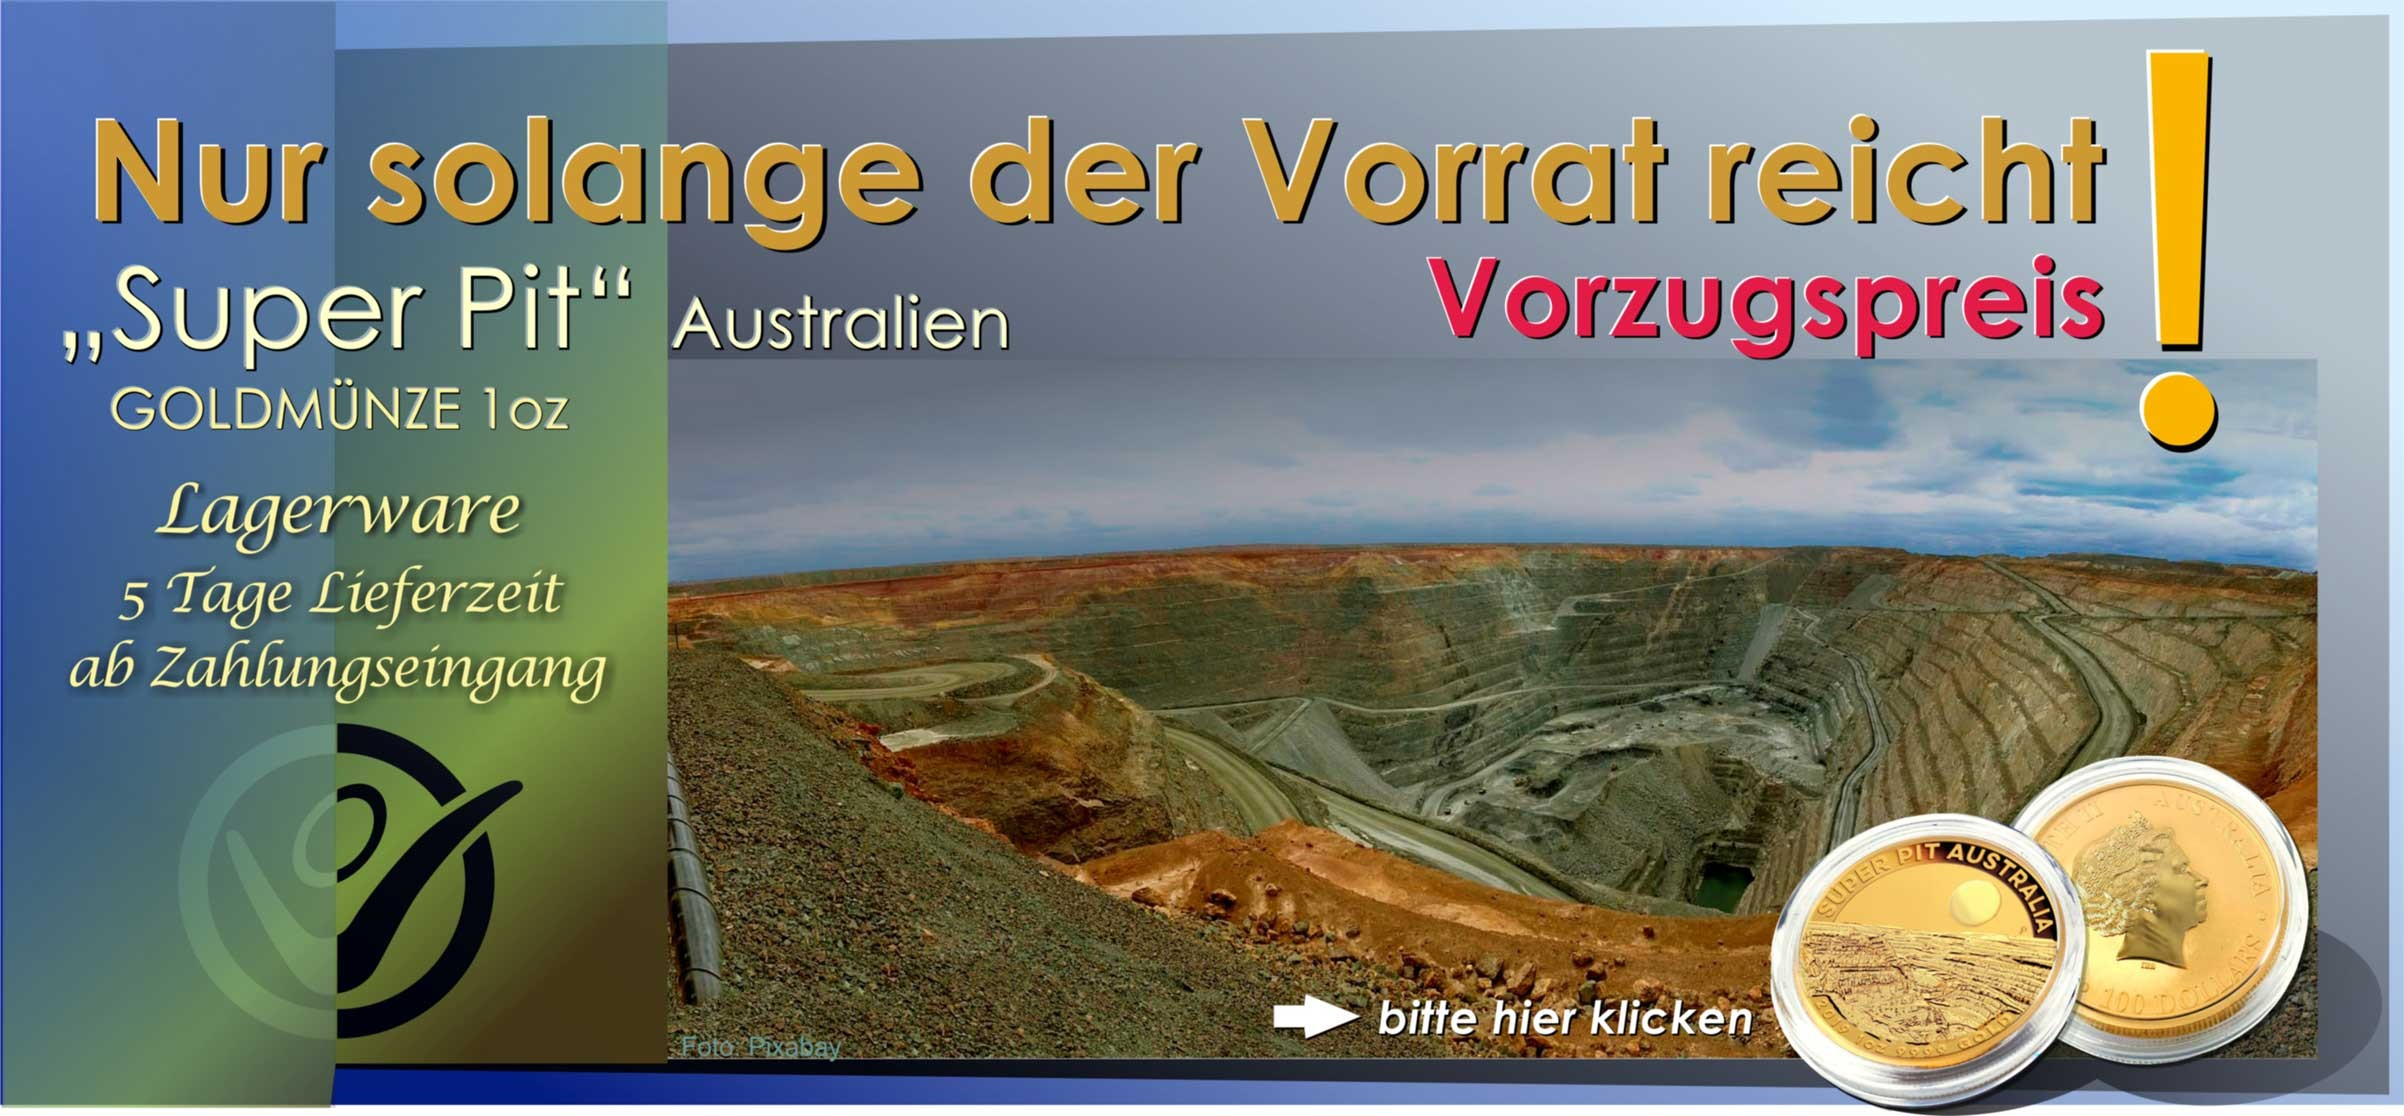 Super Pit Australien